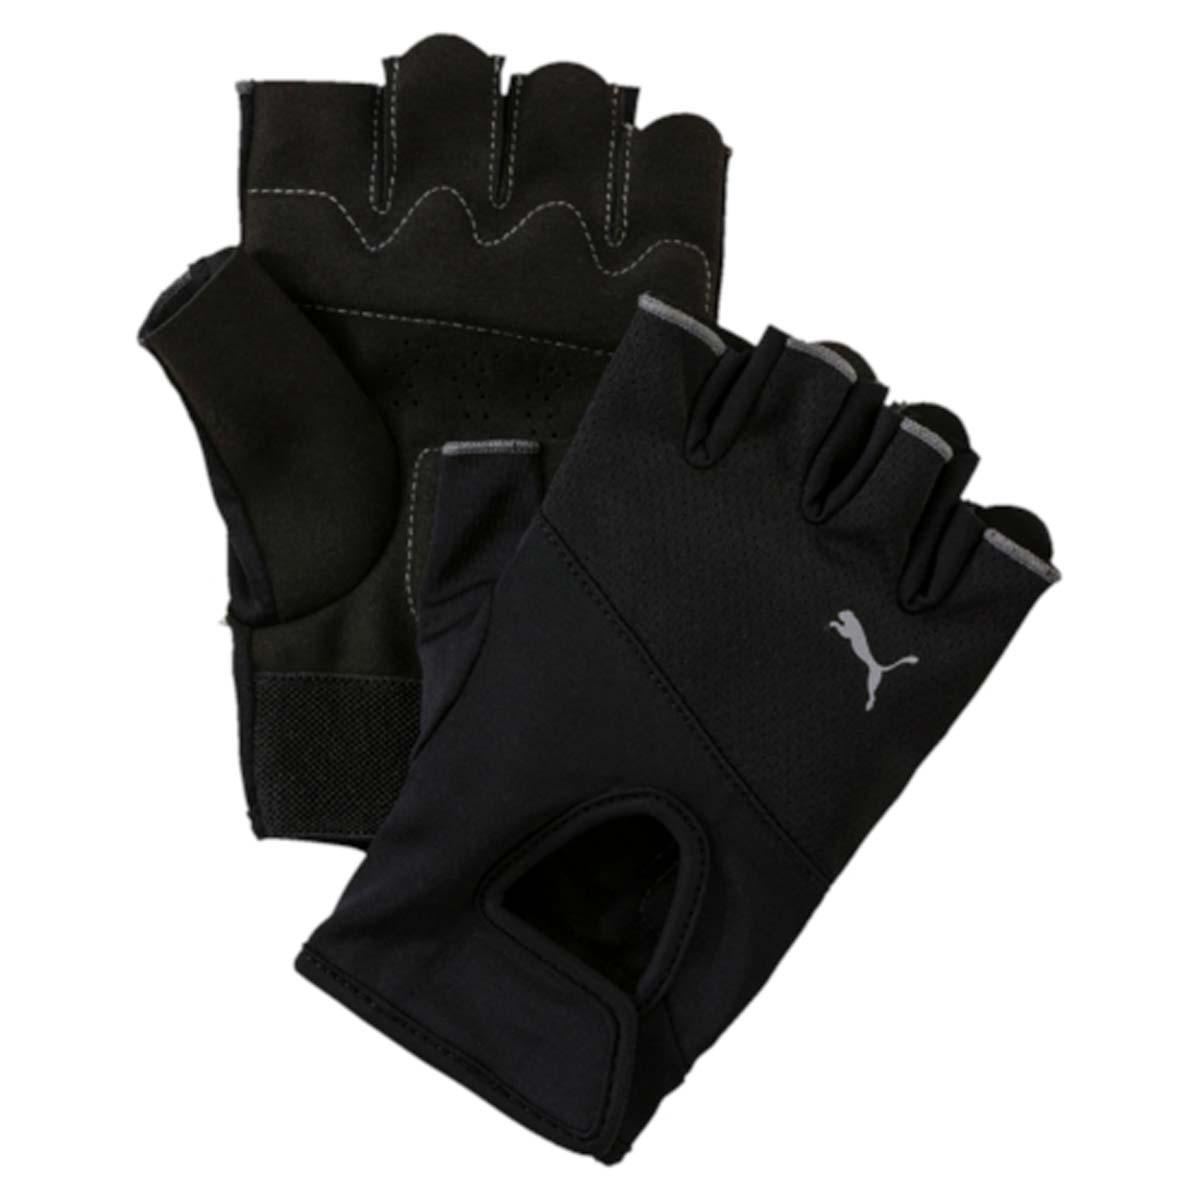 Перчатки для фитнеса Puma Tr Gloves, цвет: черный. 04129501. Размер L (10)04129501Перчатки Puma Tr Gloves предназначены для защиты рук во время занятия спортом. Мягкий верх на основе современного высокотехнологичного полиэстера и нейлона оснащен уплотненными подушечками на ладони для максимального комфорта. У модели рукоятки из тесьмы со вставками для ладоней, нескользящие вставки для комфорта, долговечности и удобства захвата. Регулируемая застежка-липучка для оптимальной поддержки.